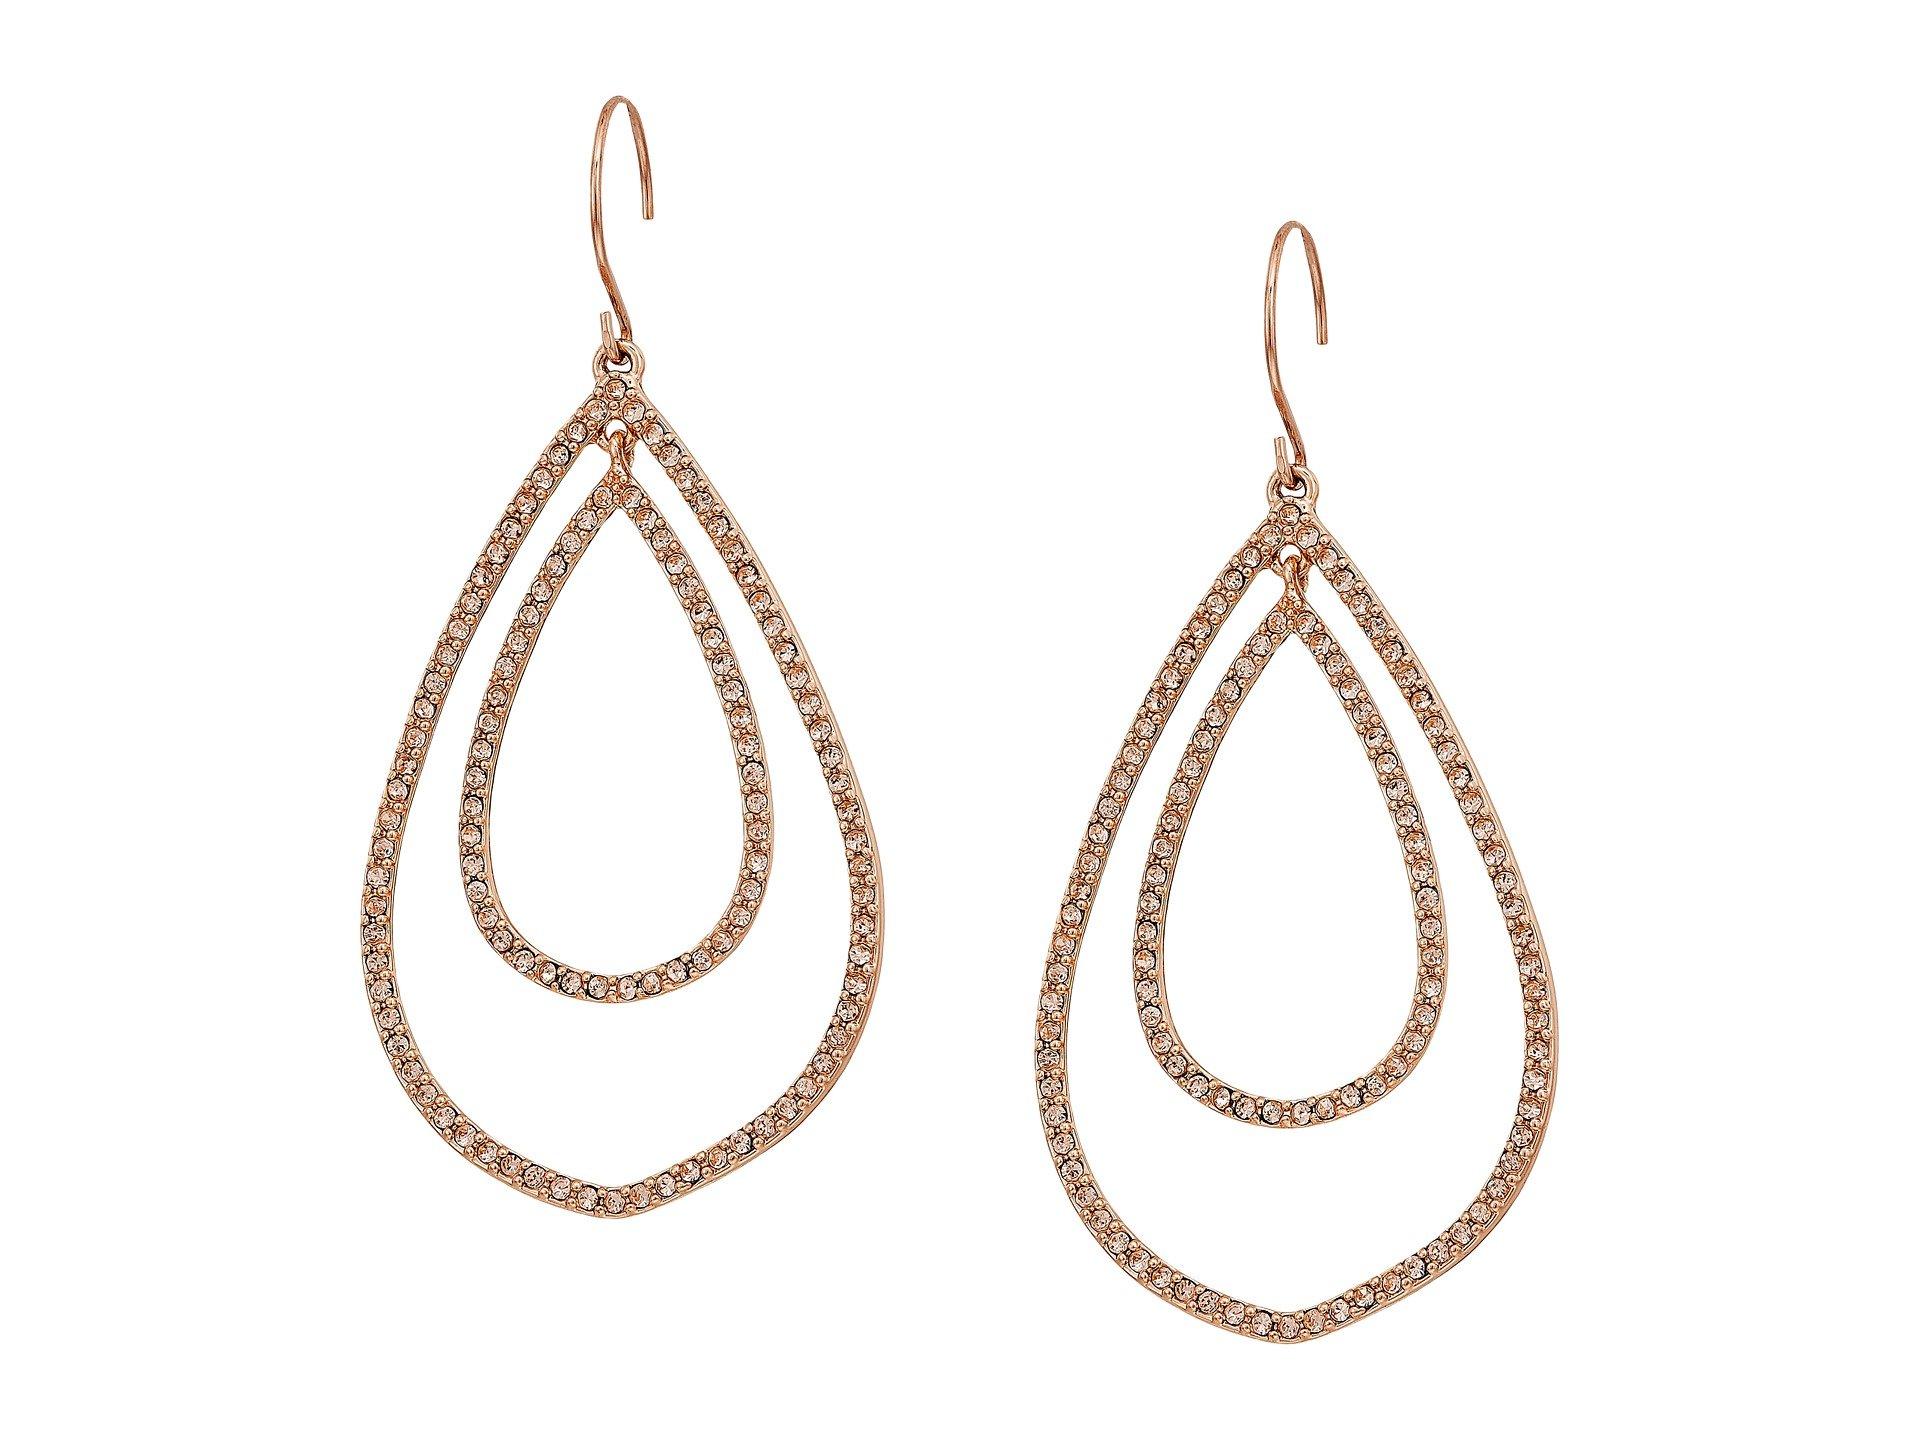 Pendientes para Mujer Vera Bradley Whisper Links Double Earrings  + Vera Bradley en VeoyCompro.net